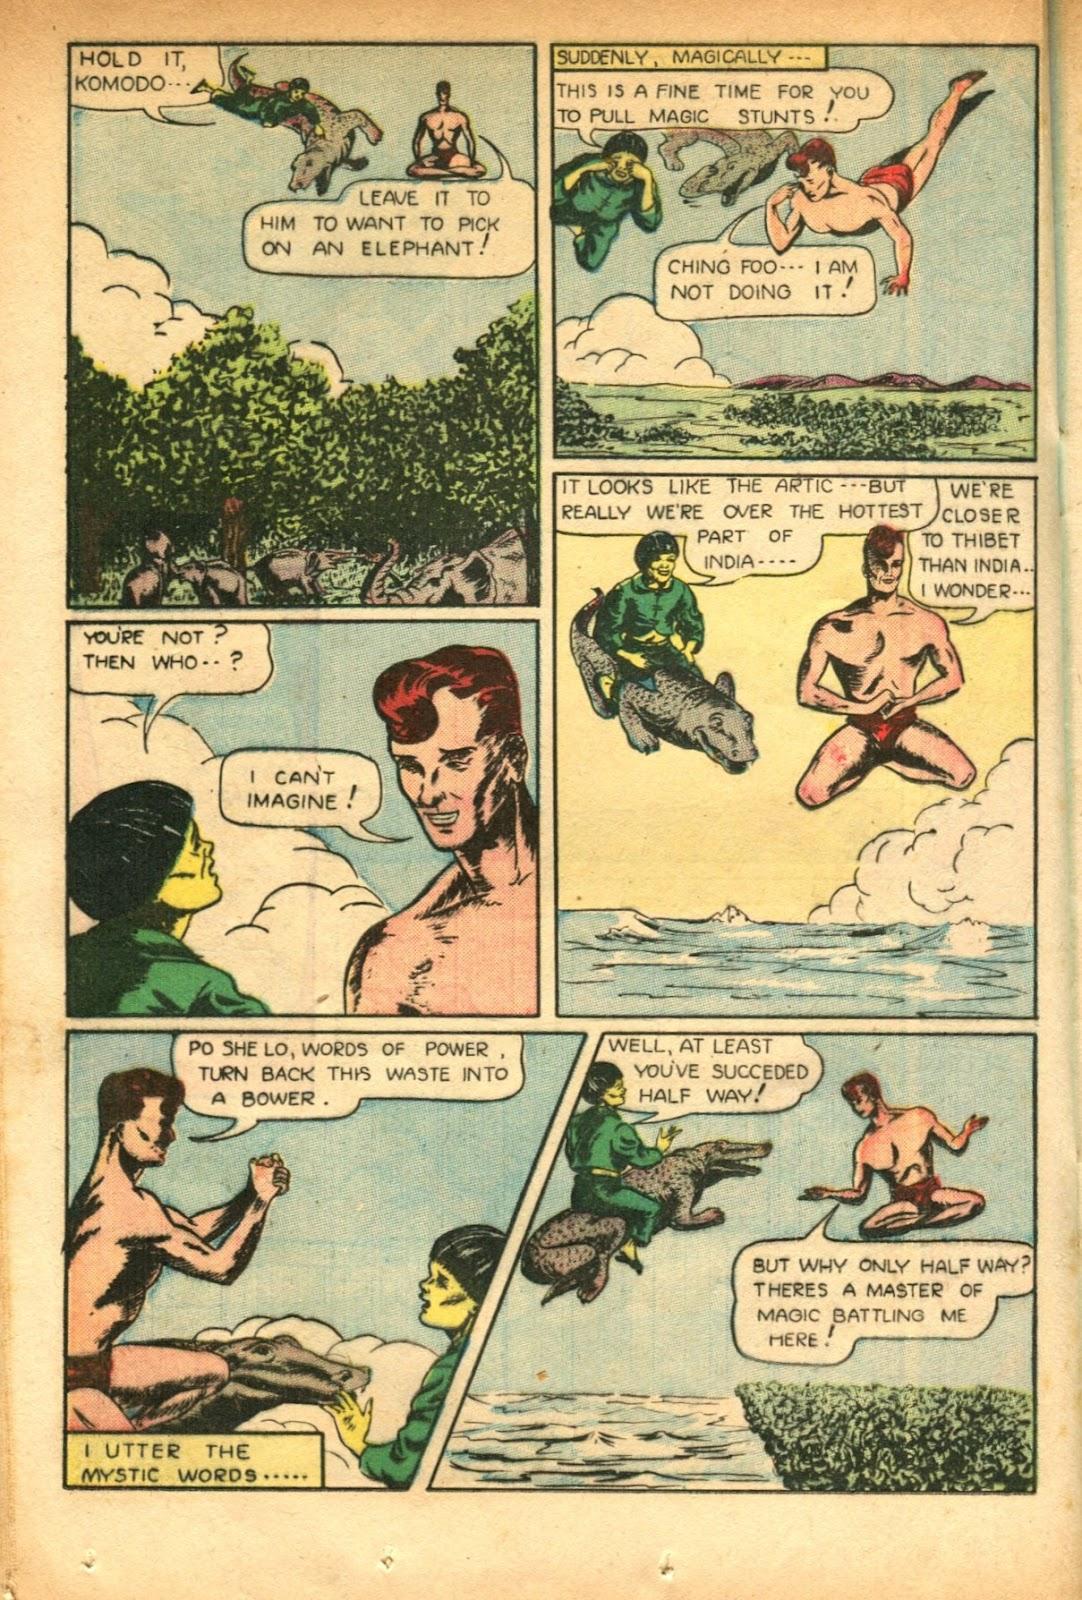 Read online Super-Magician Comics comic -  Issue #51 - 28